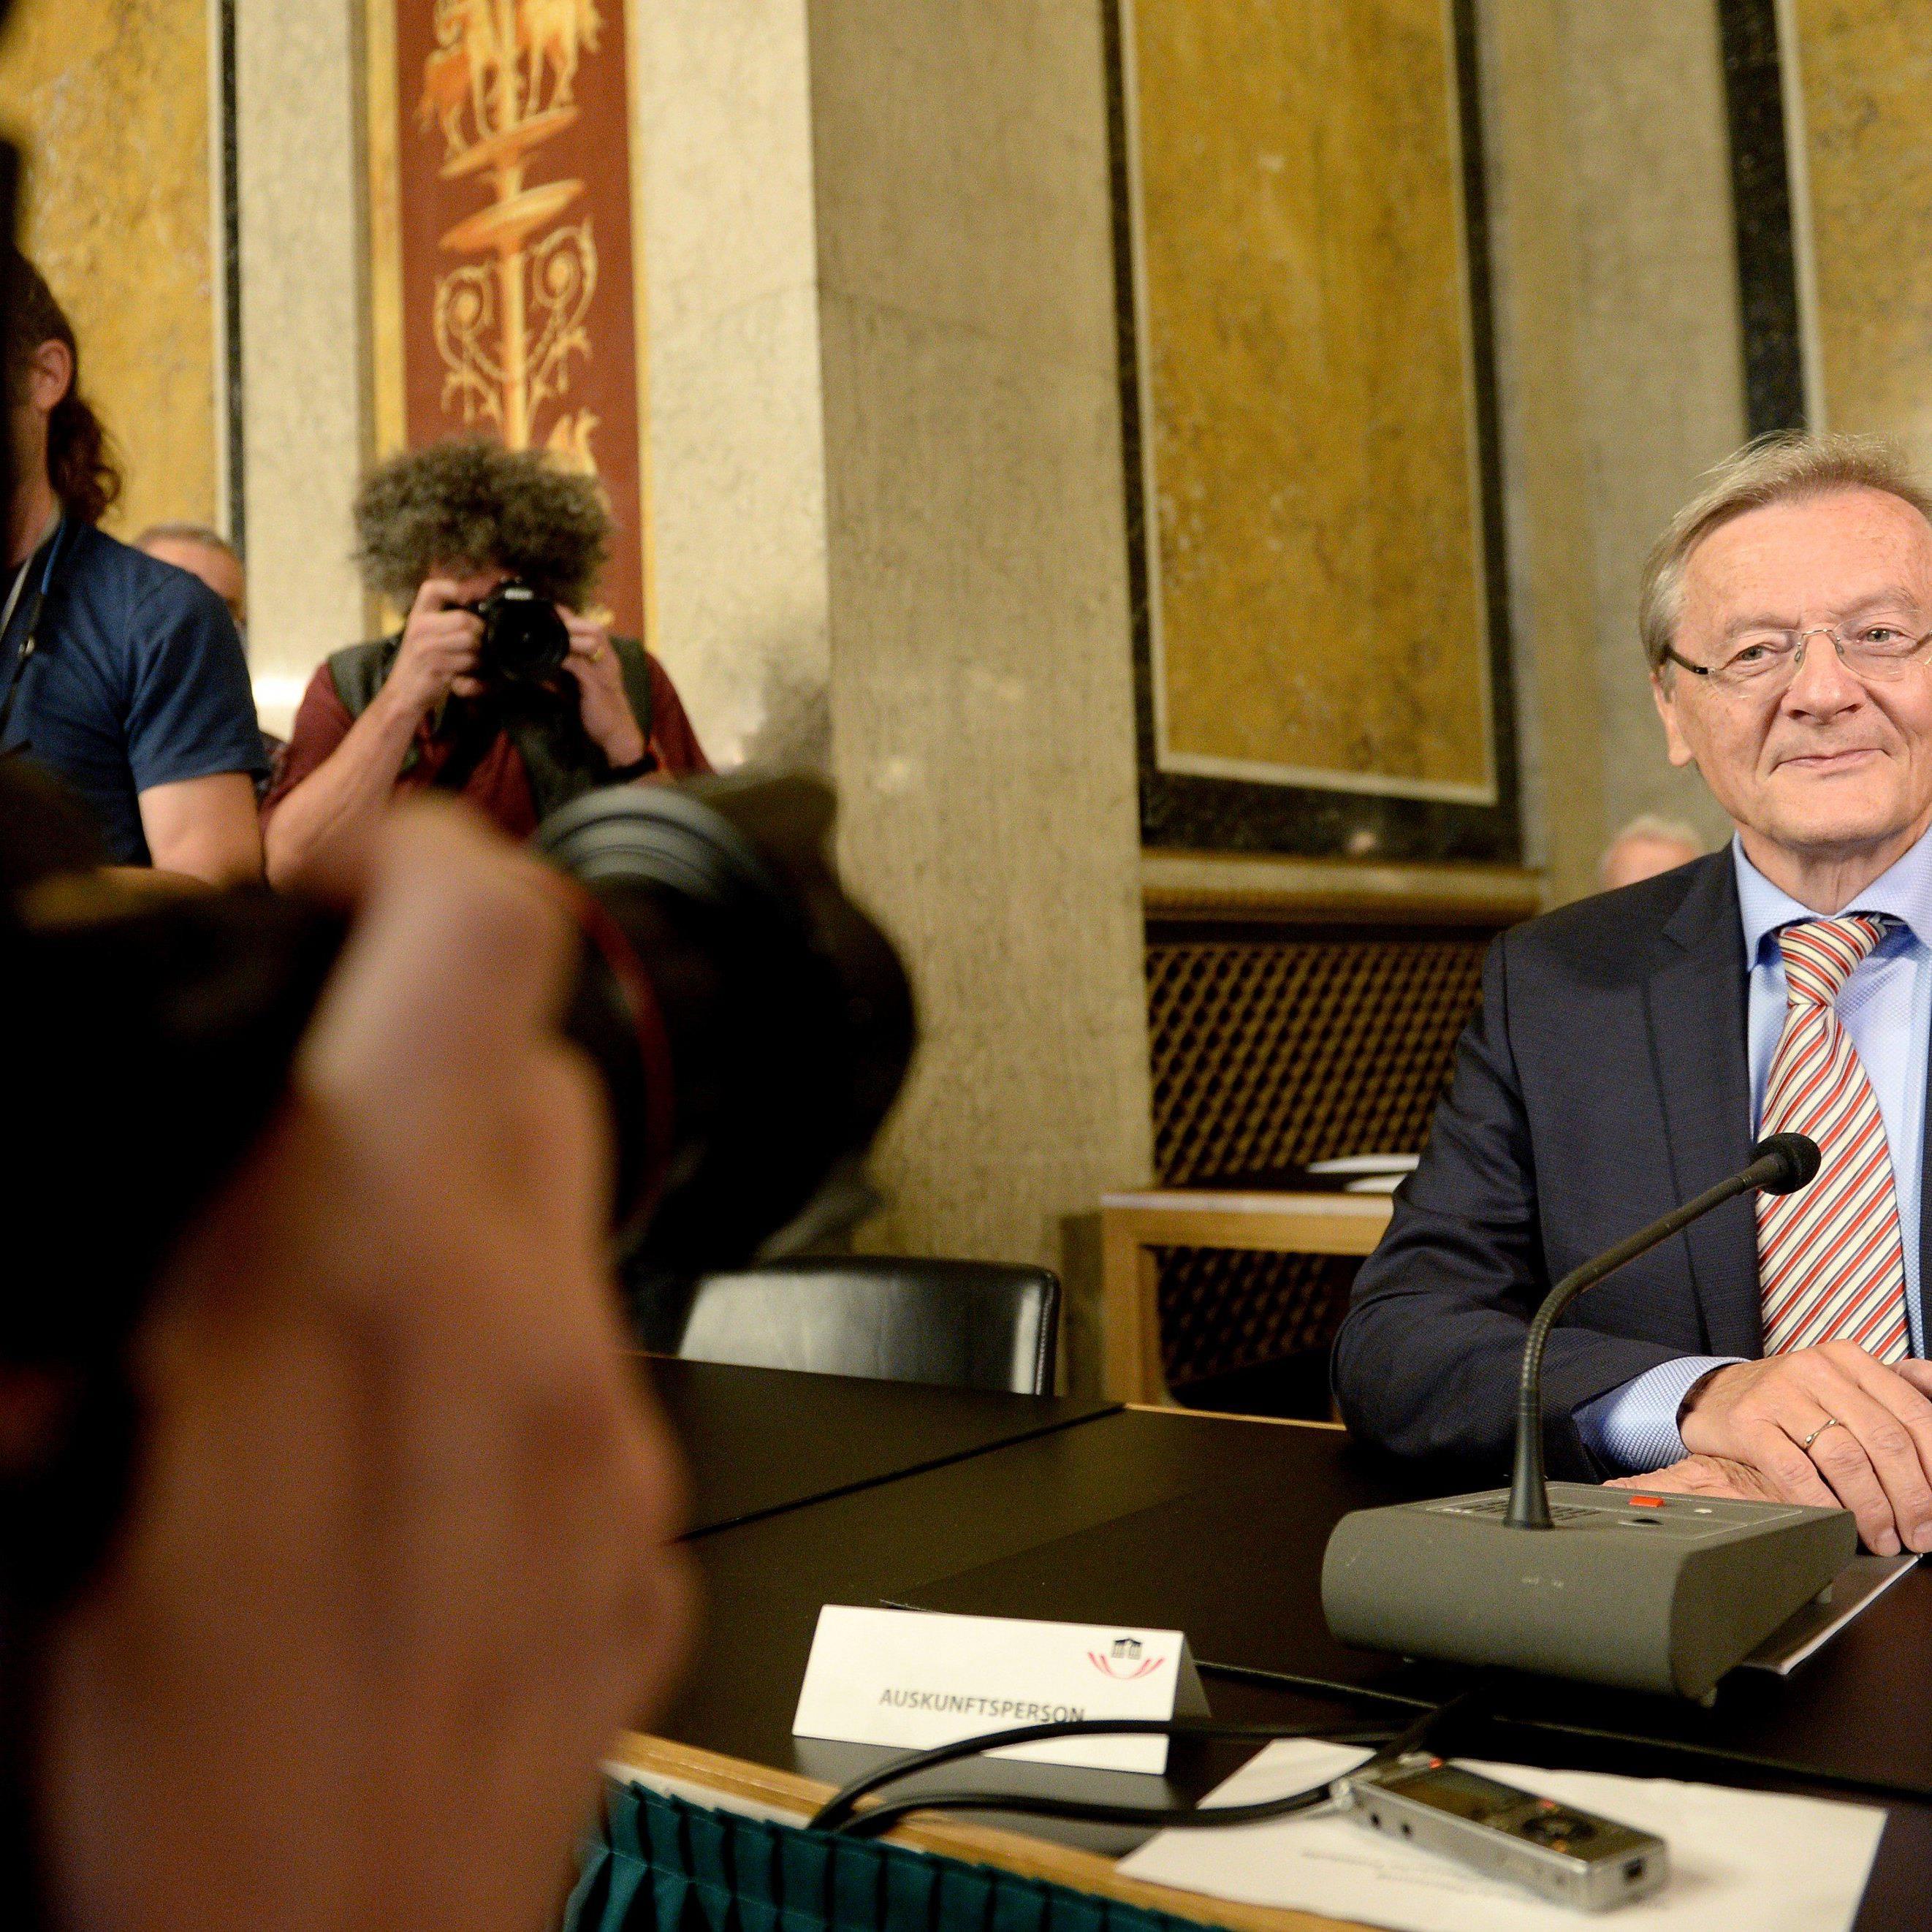 Altkanzler Schüssel als Auskunftsperson im Hypo-U-Ausschuss